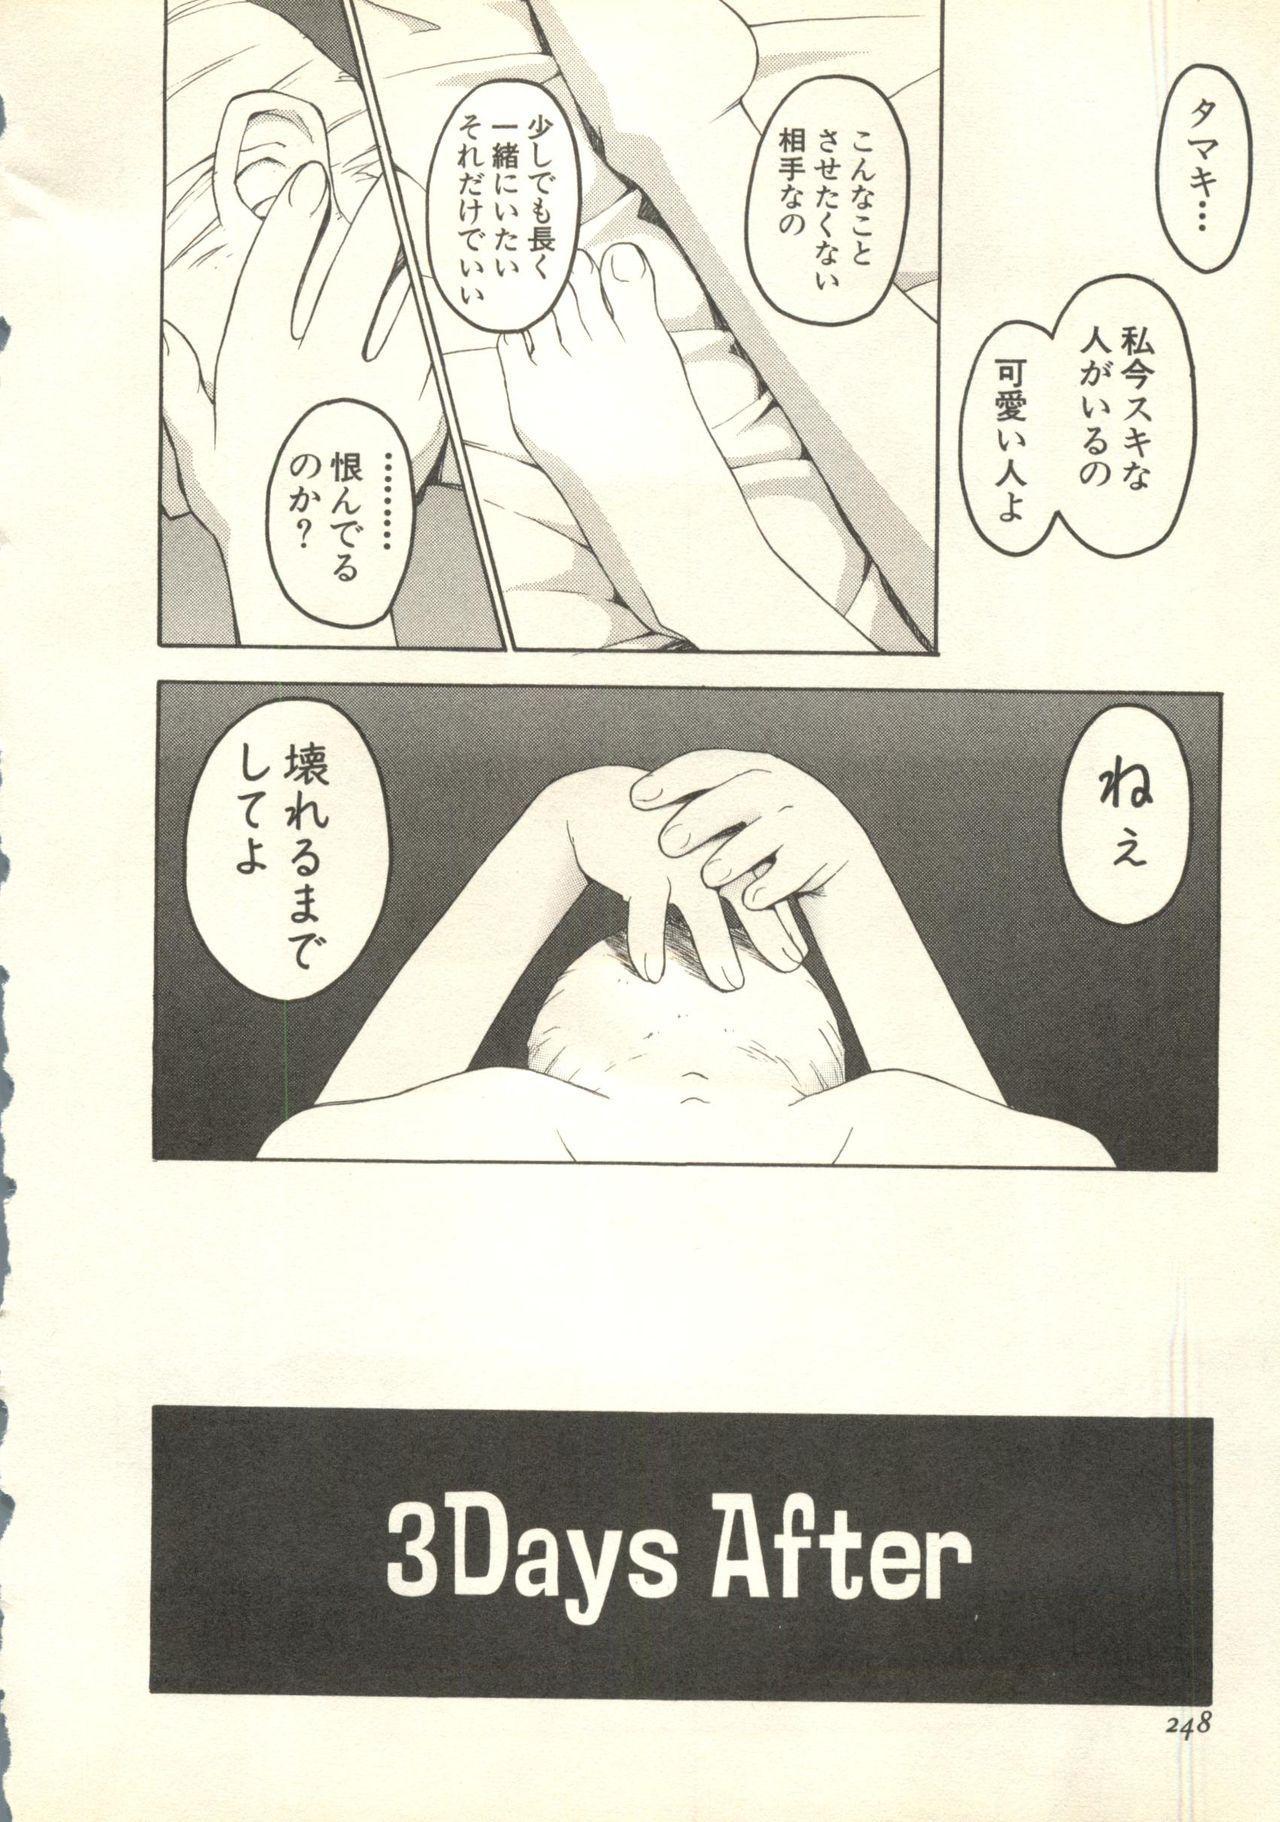 Pai;kuu 1998 July Vol. 11 248